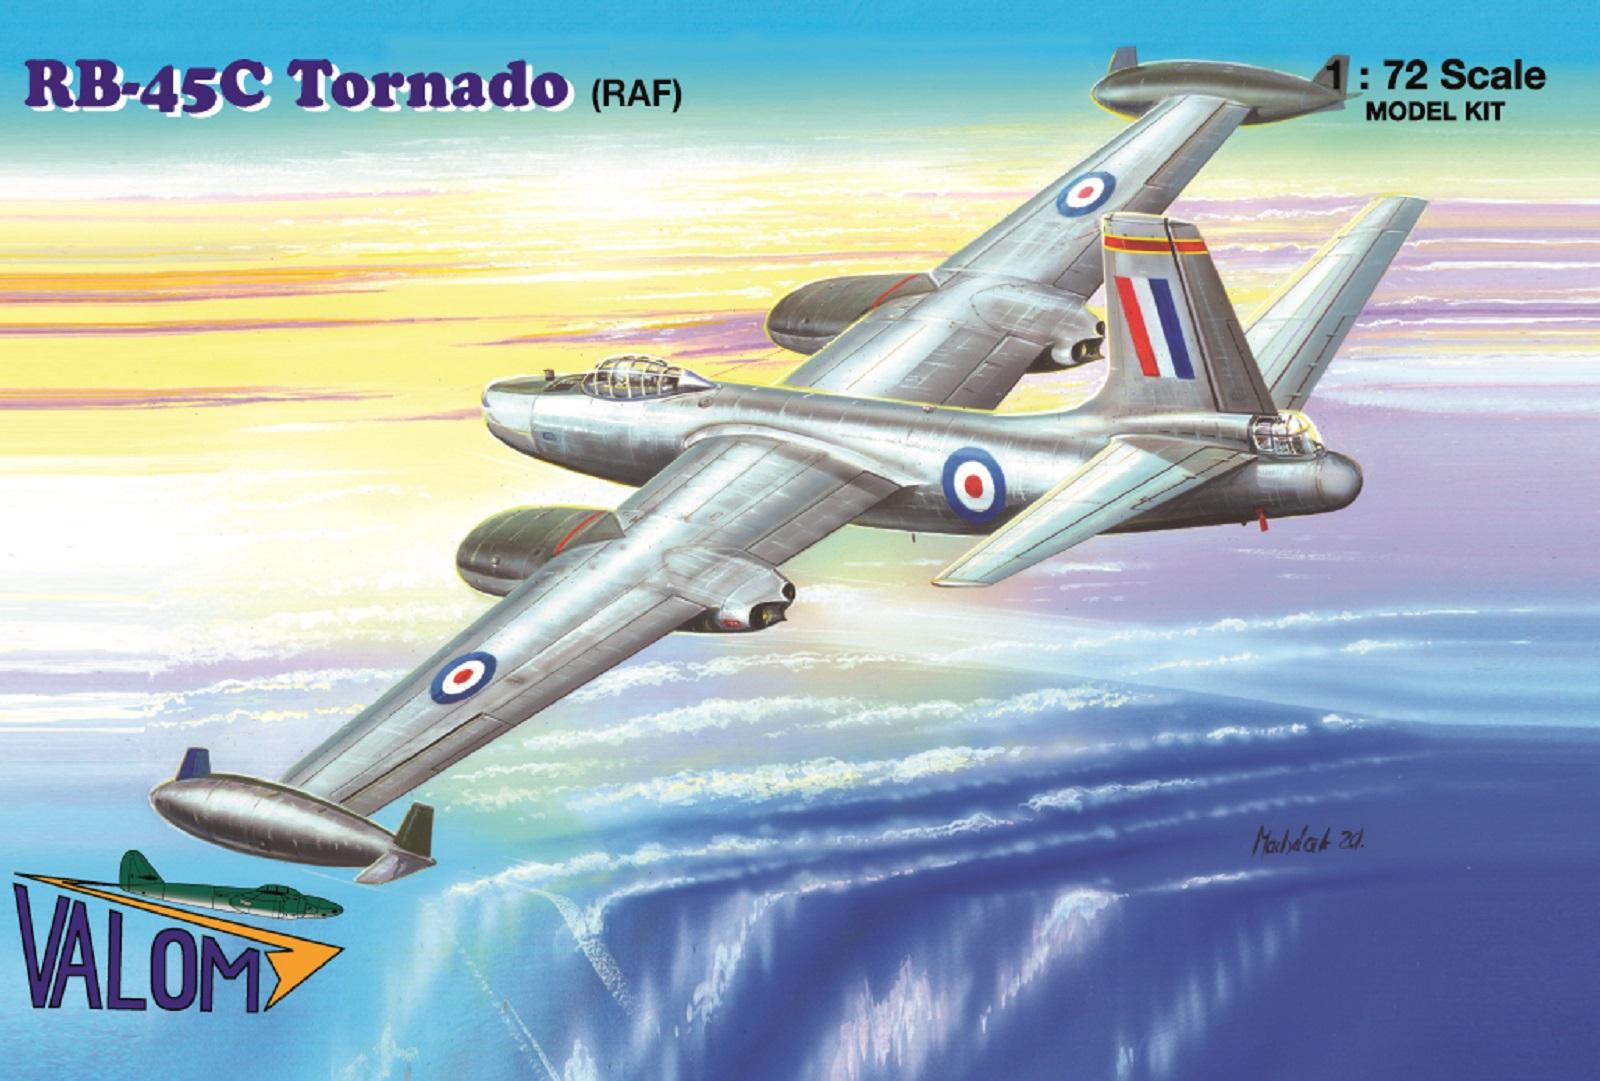 Valom N.A. RB-45C Tornado (RAF)